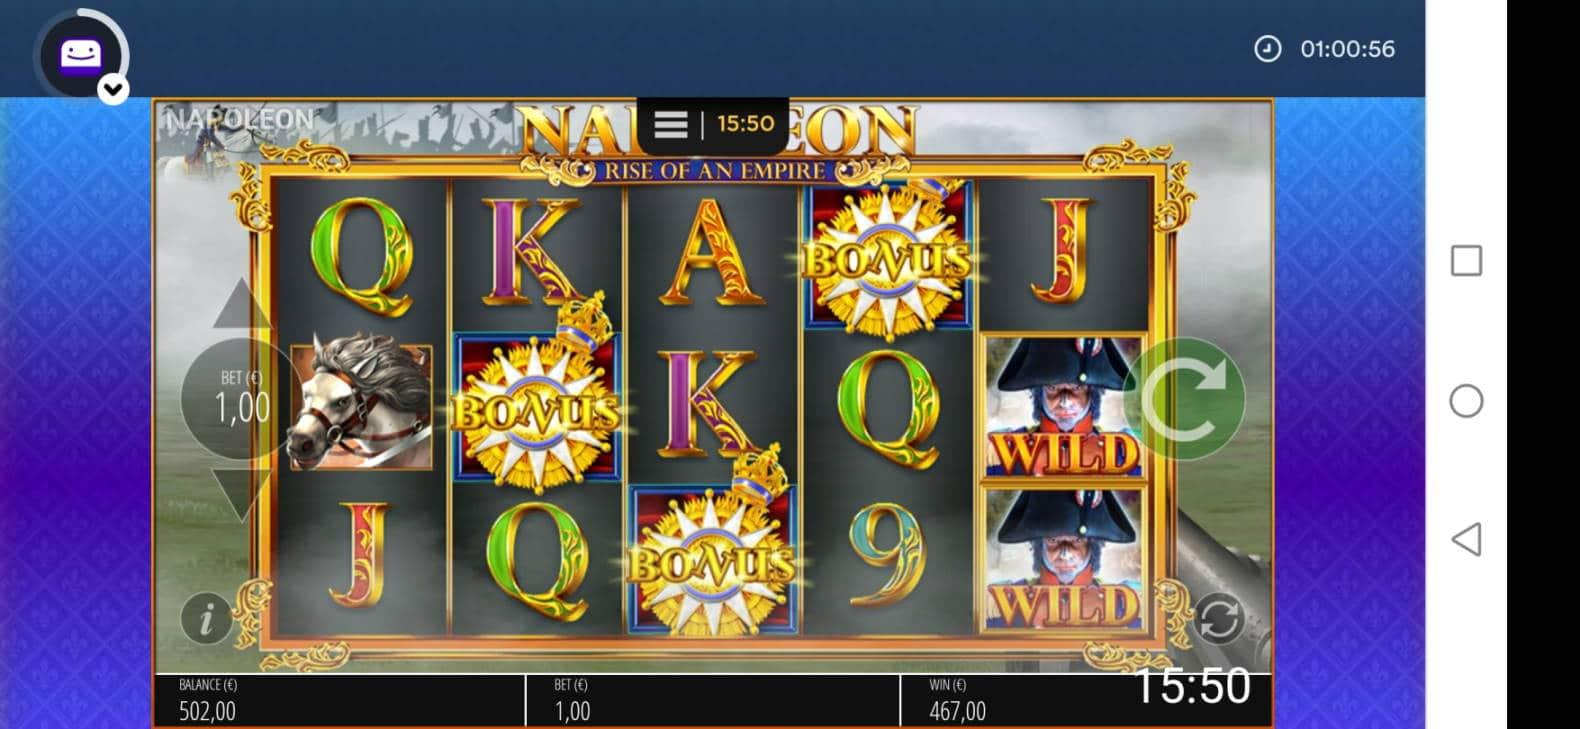 Napoleon Casino win picture by jyrkkenkloppi 7.2.2021 467e 467X